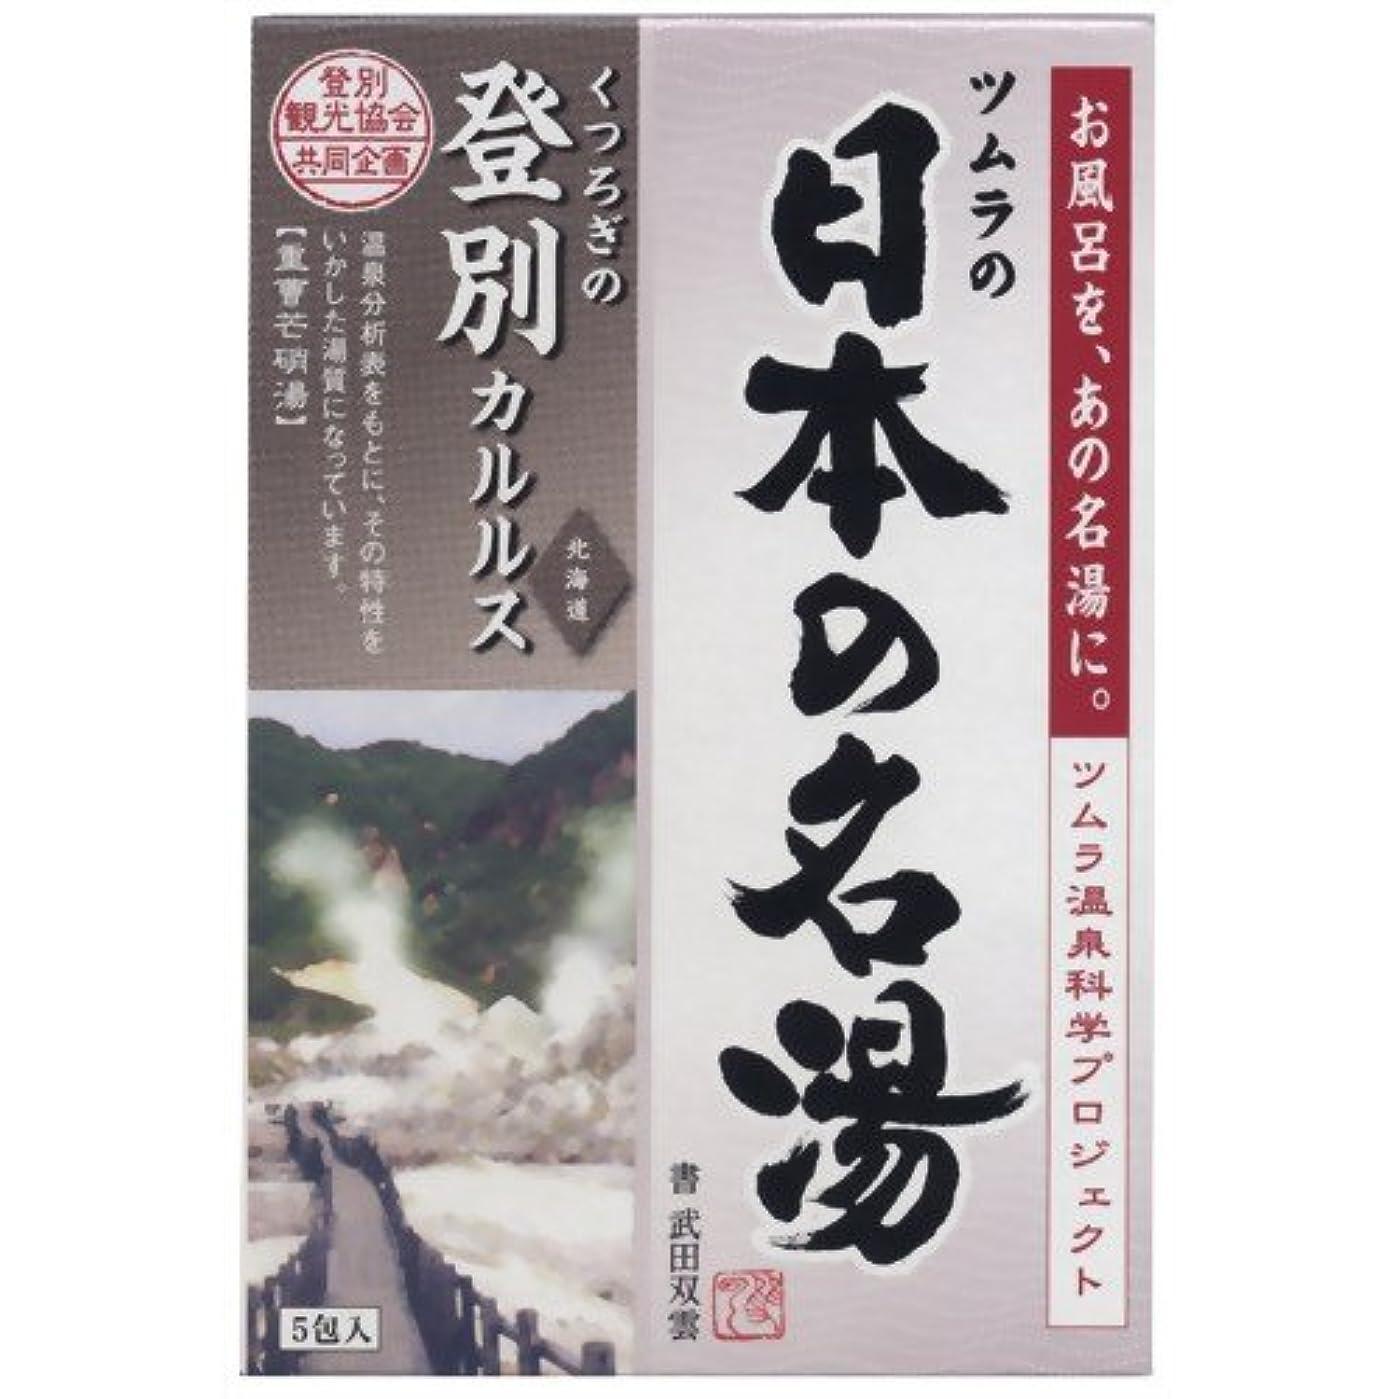 雇用引き受けるしっとりバスクリン 日本の名湯 登別カルルス 30g×5包入(入浴剤)×24点セット (4548514135451)